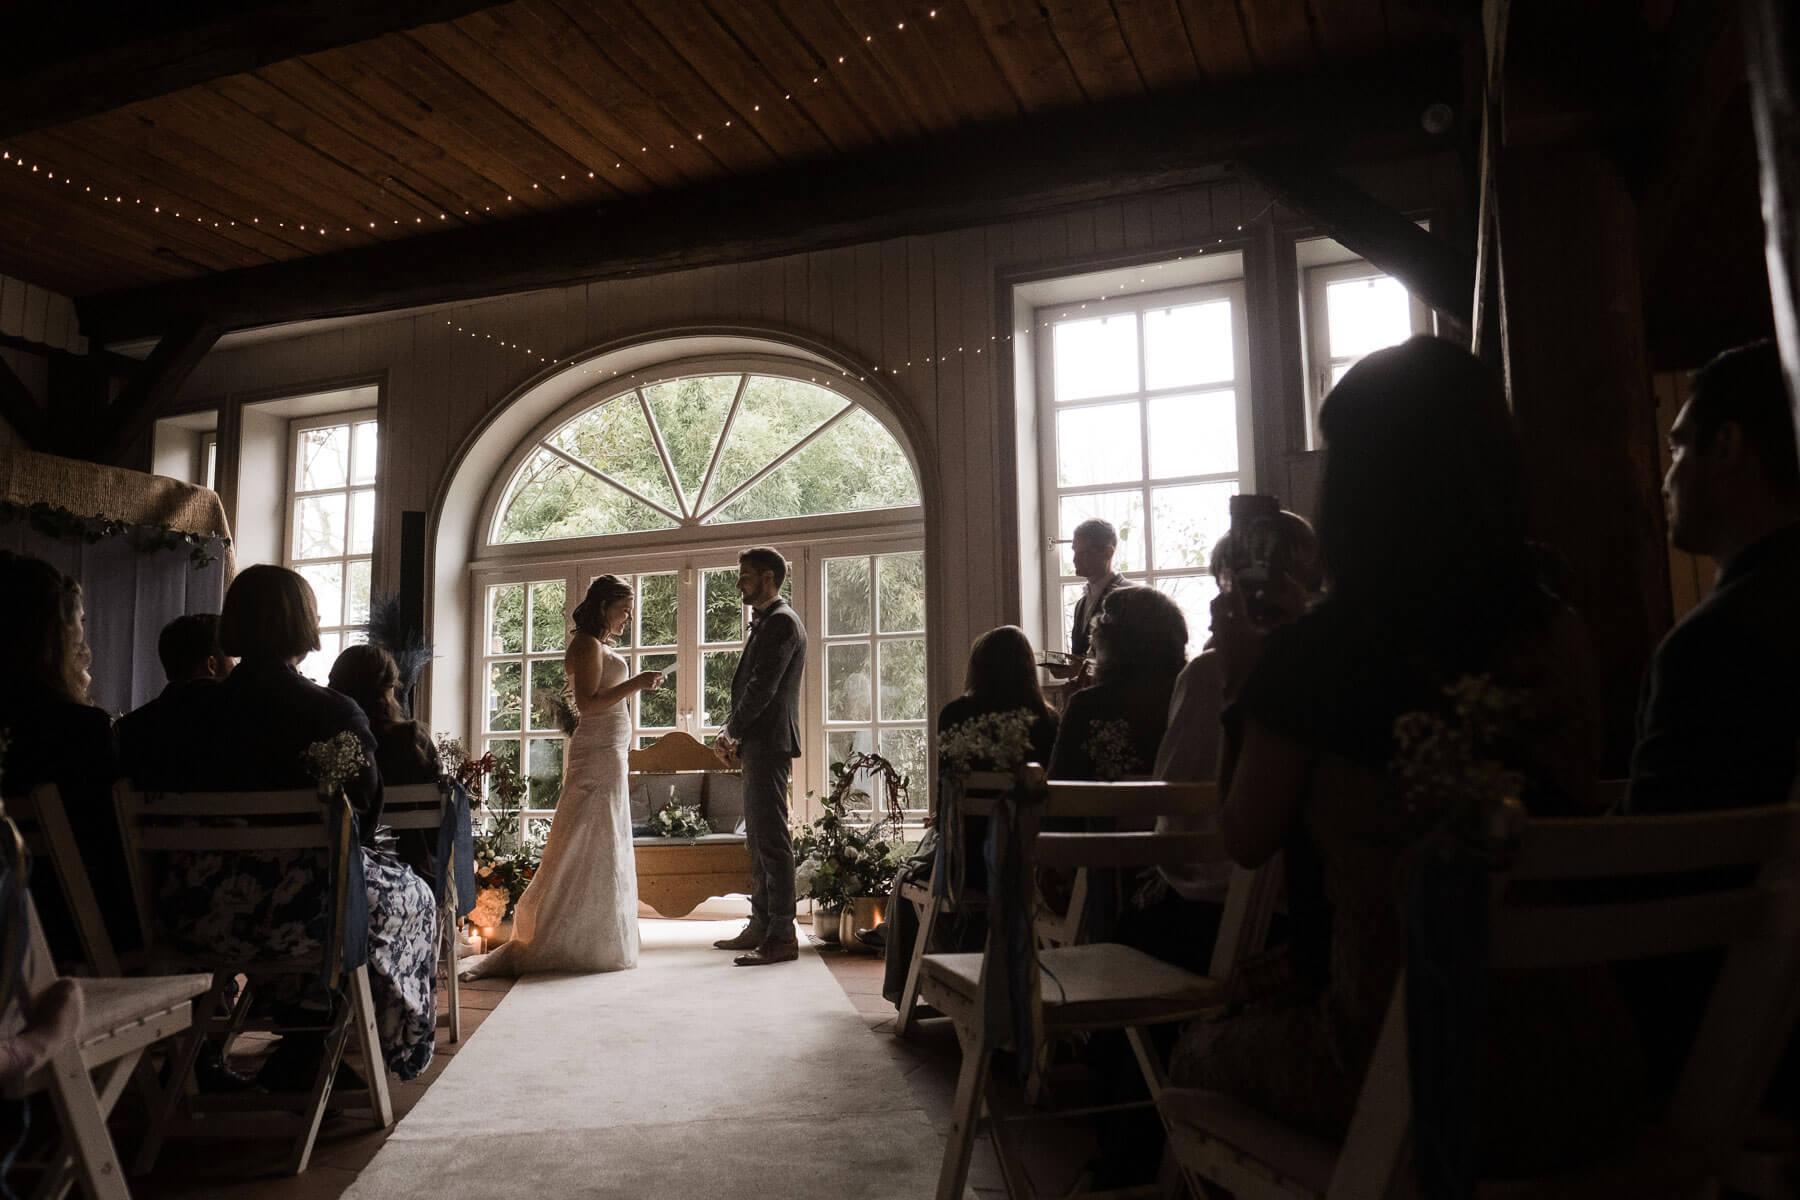 vor einer großen, hellen Flügeltür in einem Landhaus steht ein Brautpaar, hinter ihnen sitzen einige Gäste auf weißen Holzklappstühlen, die Braut hält einen Zettel in ihrer Hand